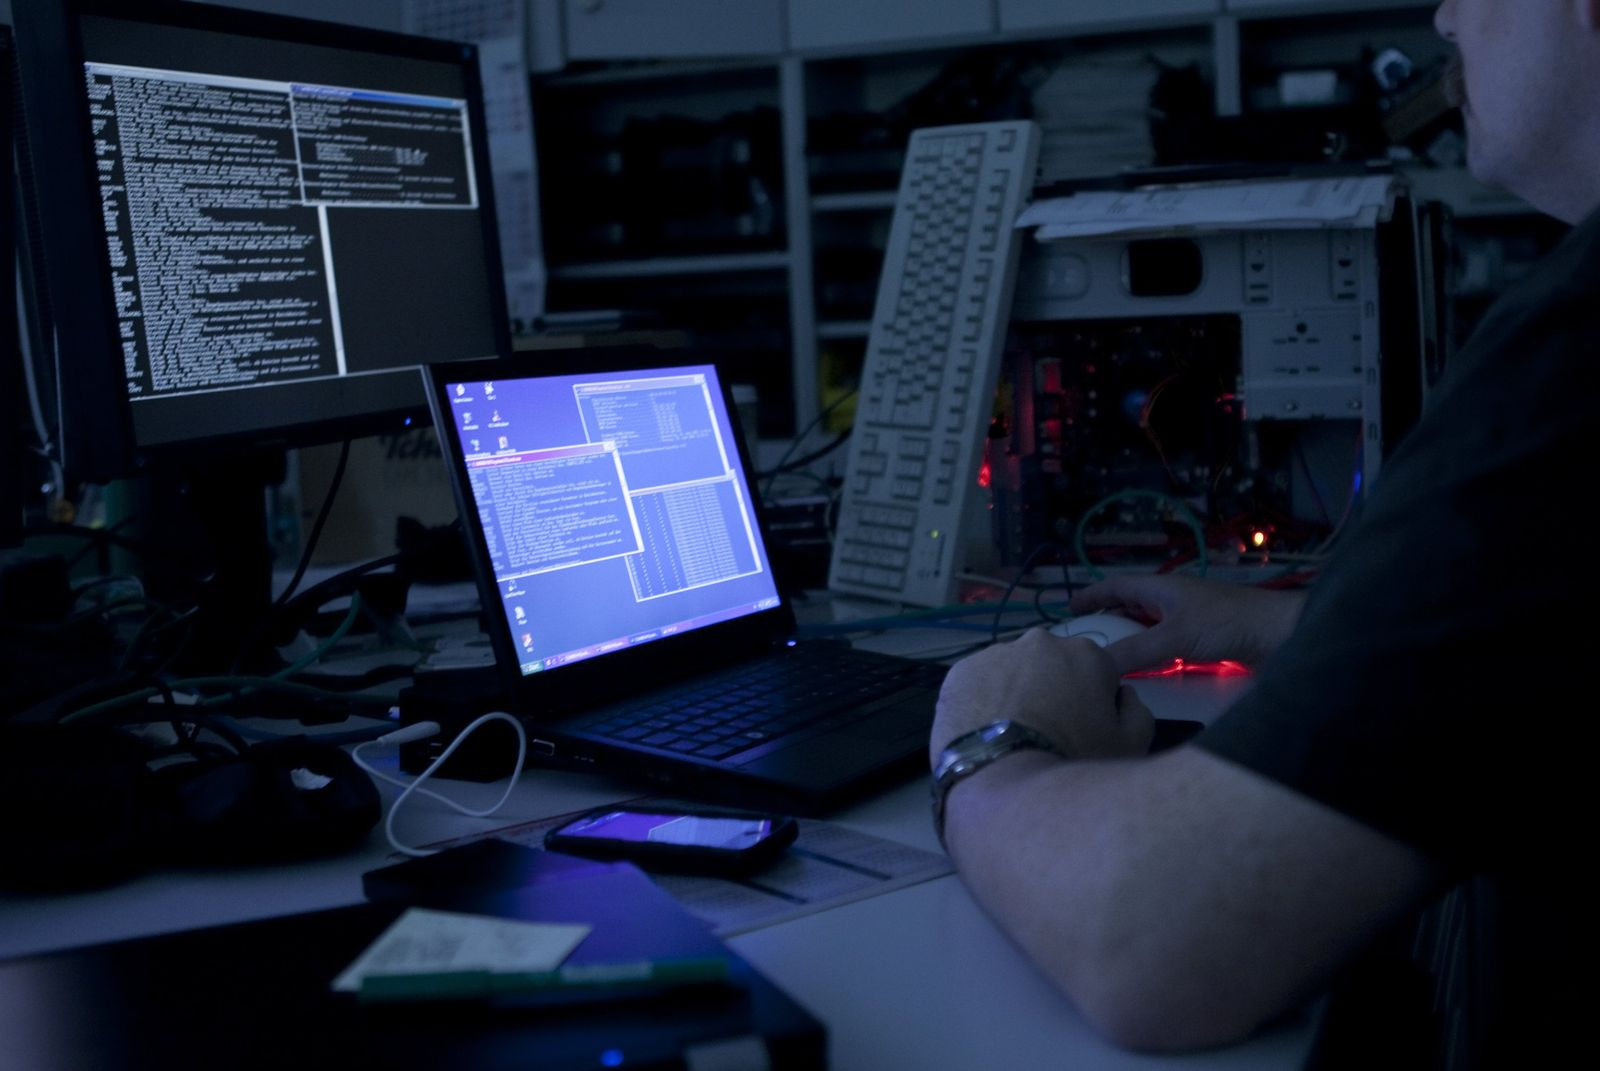 Hacker Angriff / Cyber